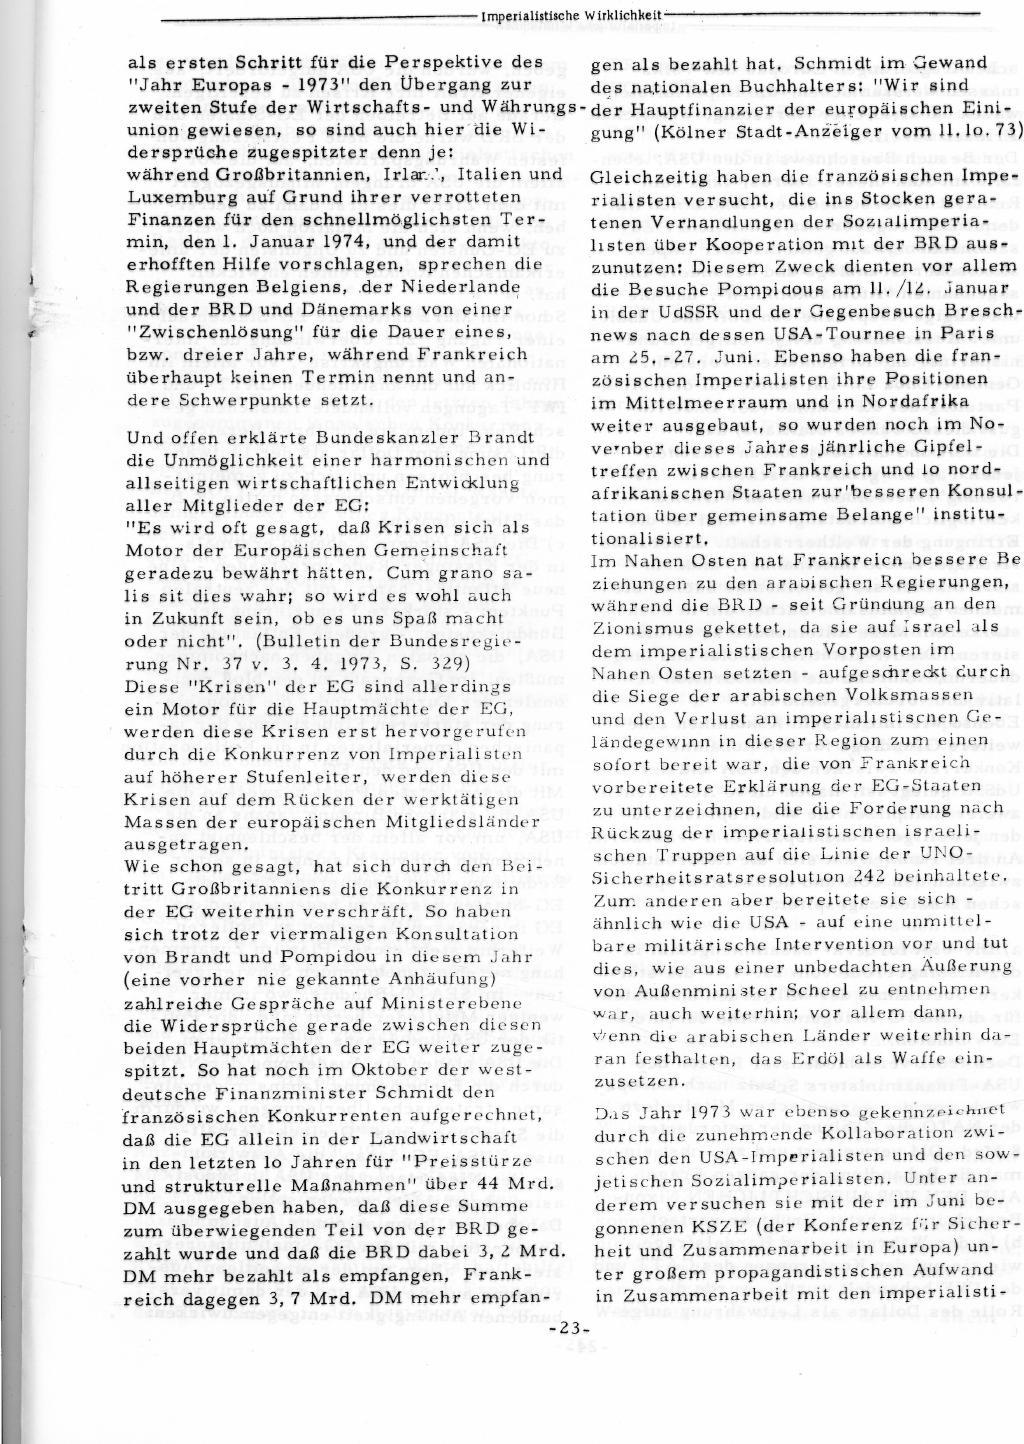 RPK_1973_041_042_043_23